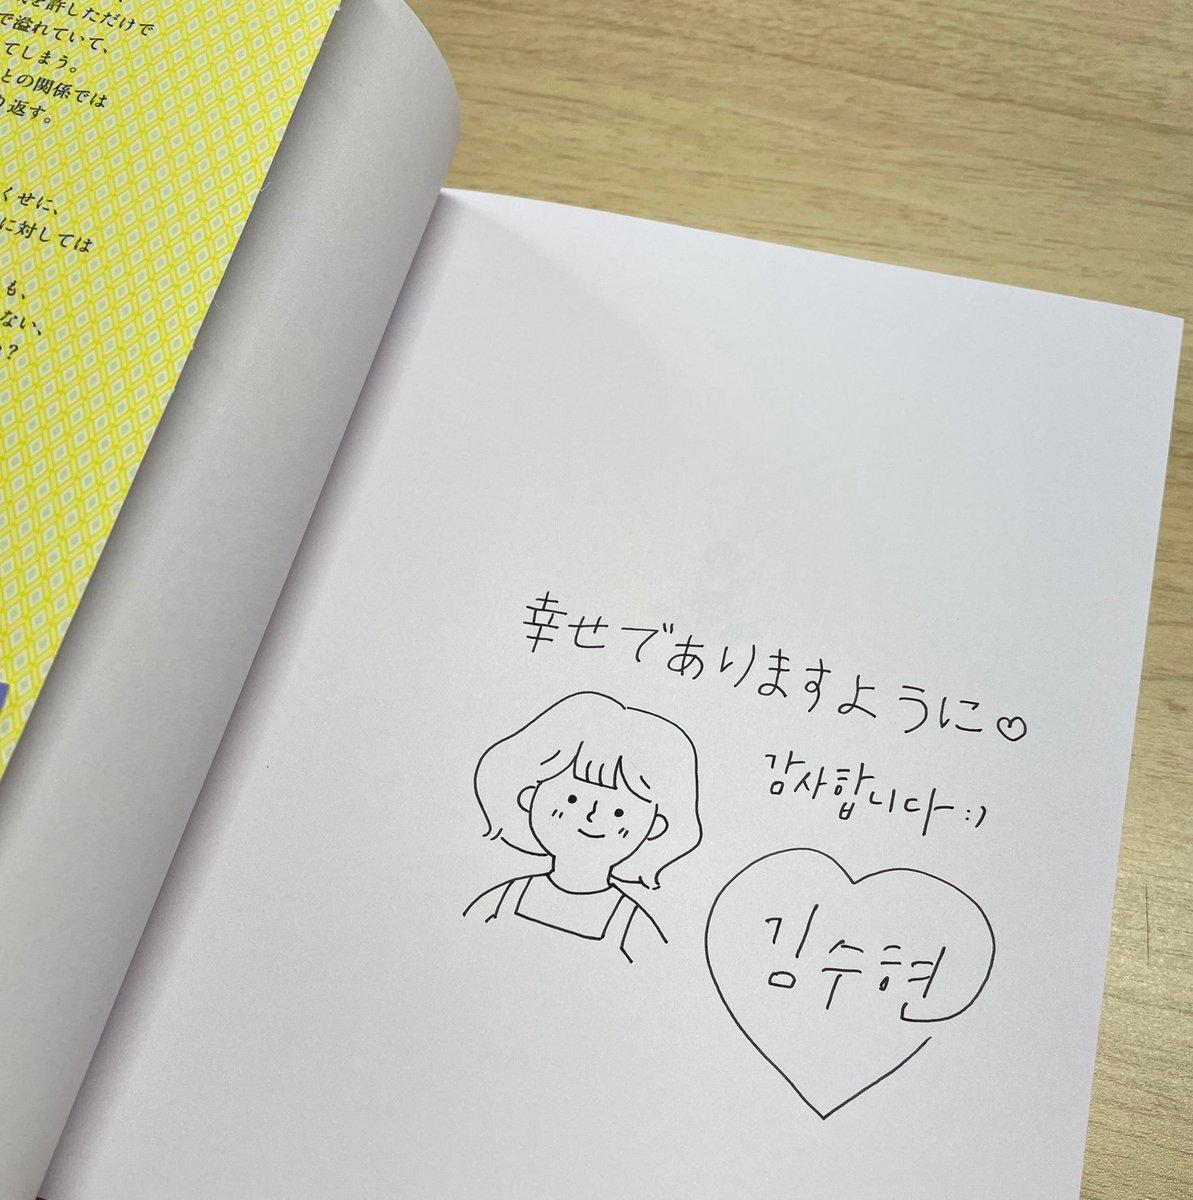 """こと した まま で 私 は の 名言 私 に 生きる 日本で45万部突破!!『私は私のままで生きることにした』のワニブックスが厳選! 年末年始に読みたい、人気の""""韓国発イラストエッセイ""""おすすめ3冊。"""